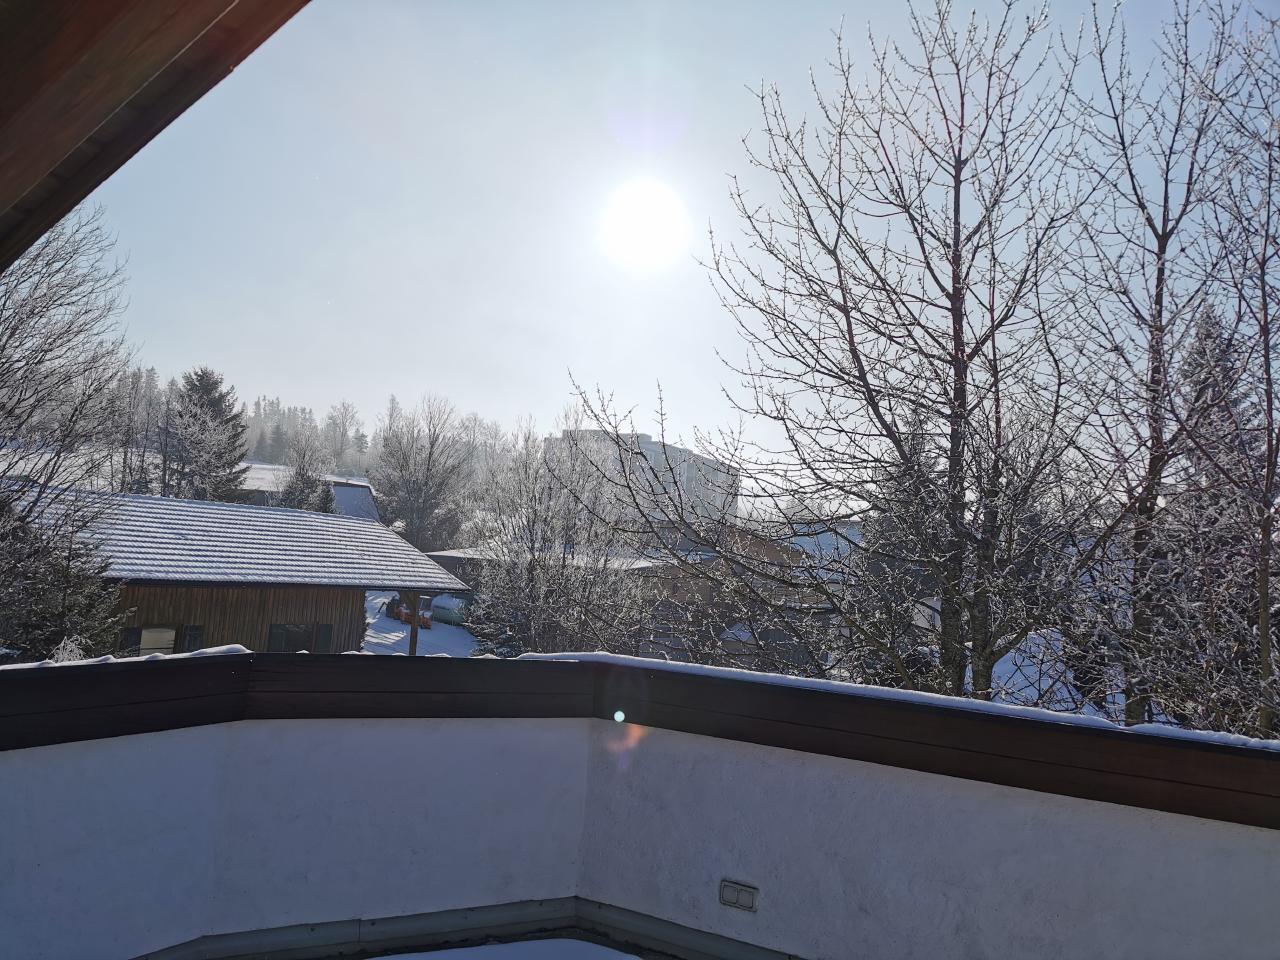 Ferienwohnung Haus Haidweg Wohnung 5 - 3 Zimmer, ca. 90 m² für 2-6 Personen im Dachgeschoss mit Balkon u (238755), Haidmühle, Bayerischer Wald, Bayern, Deutschland, Bild 17